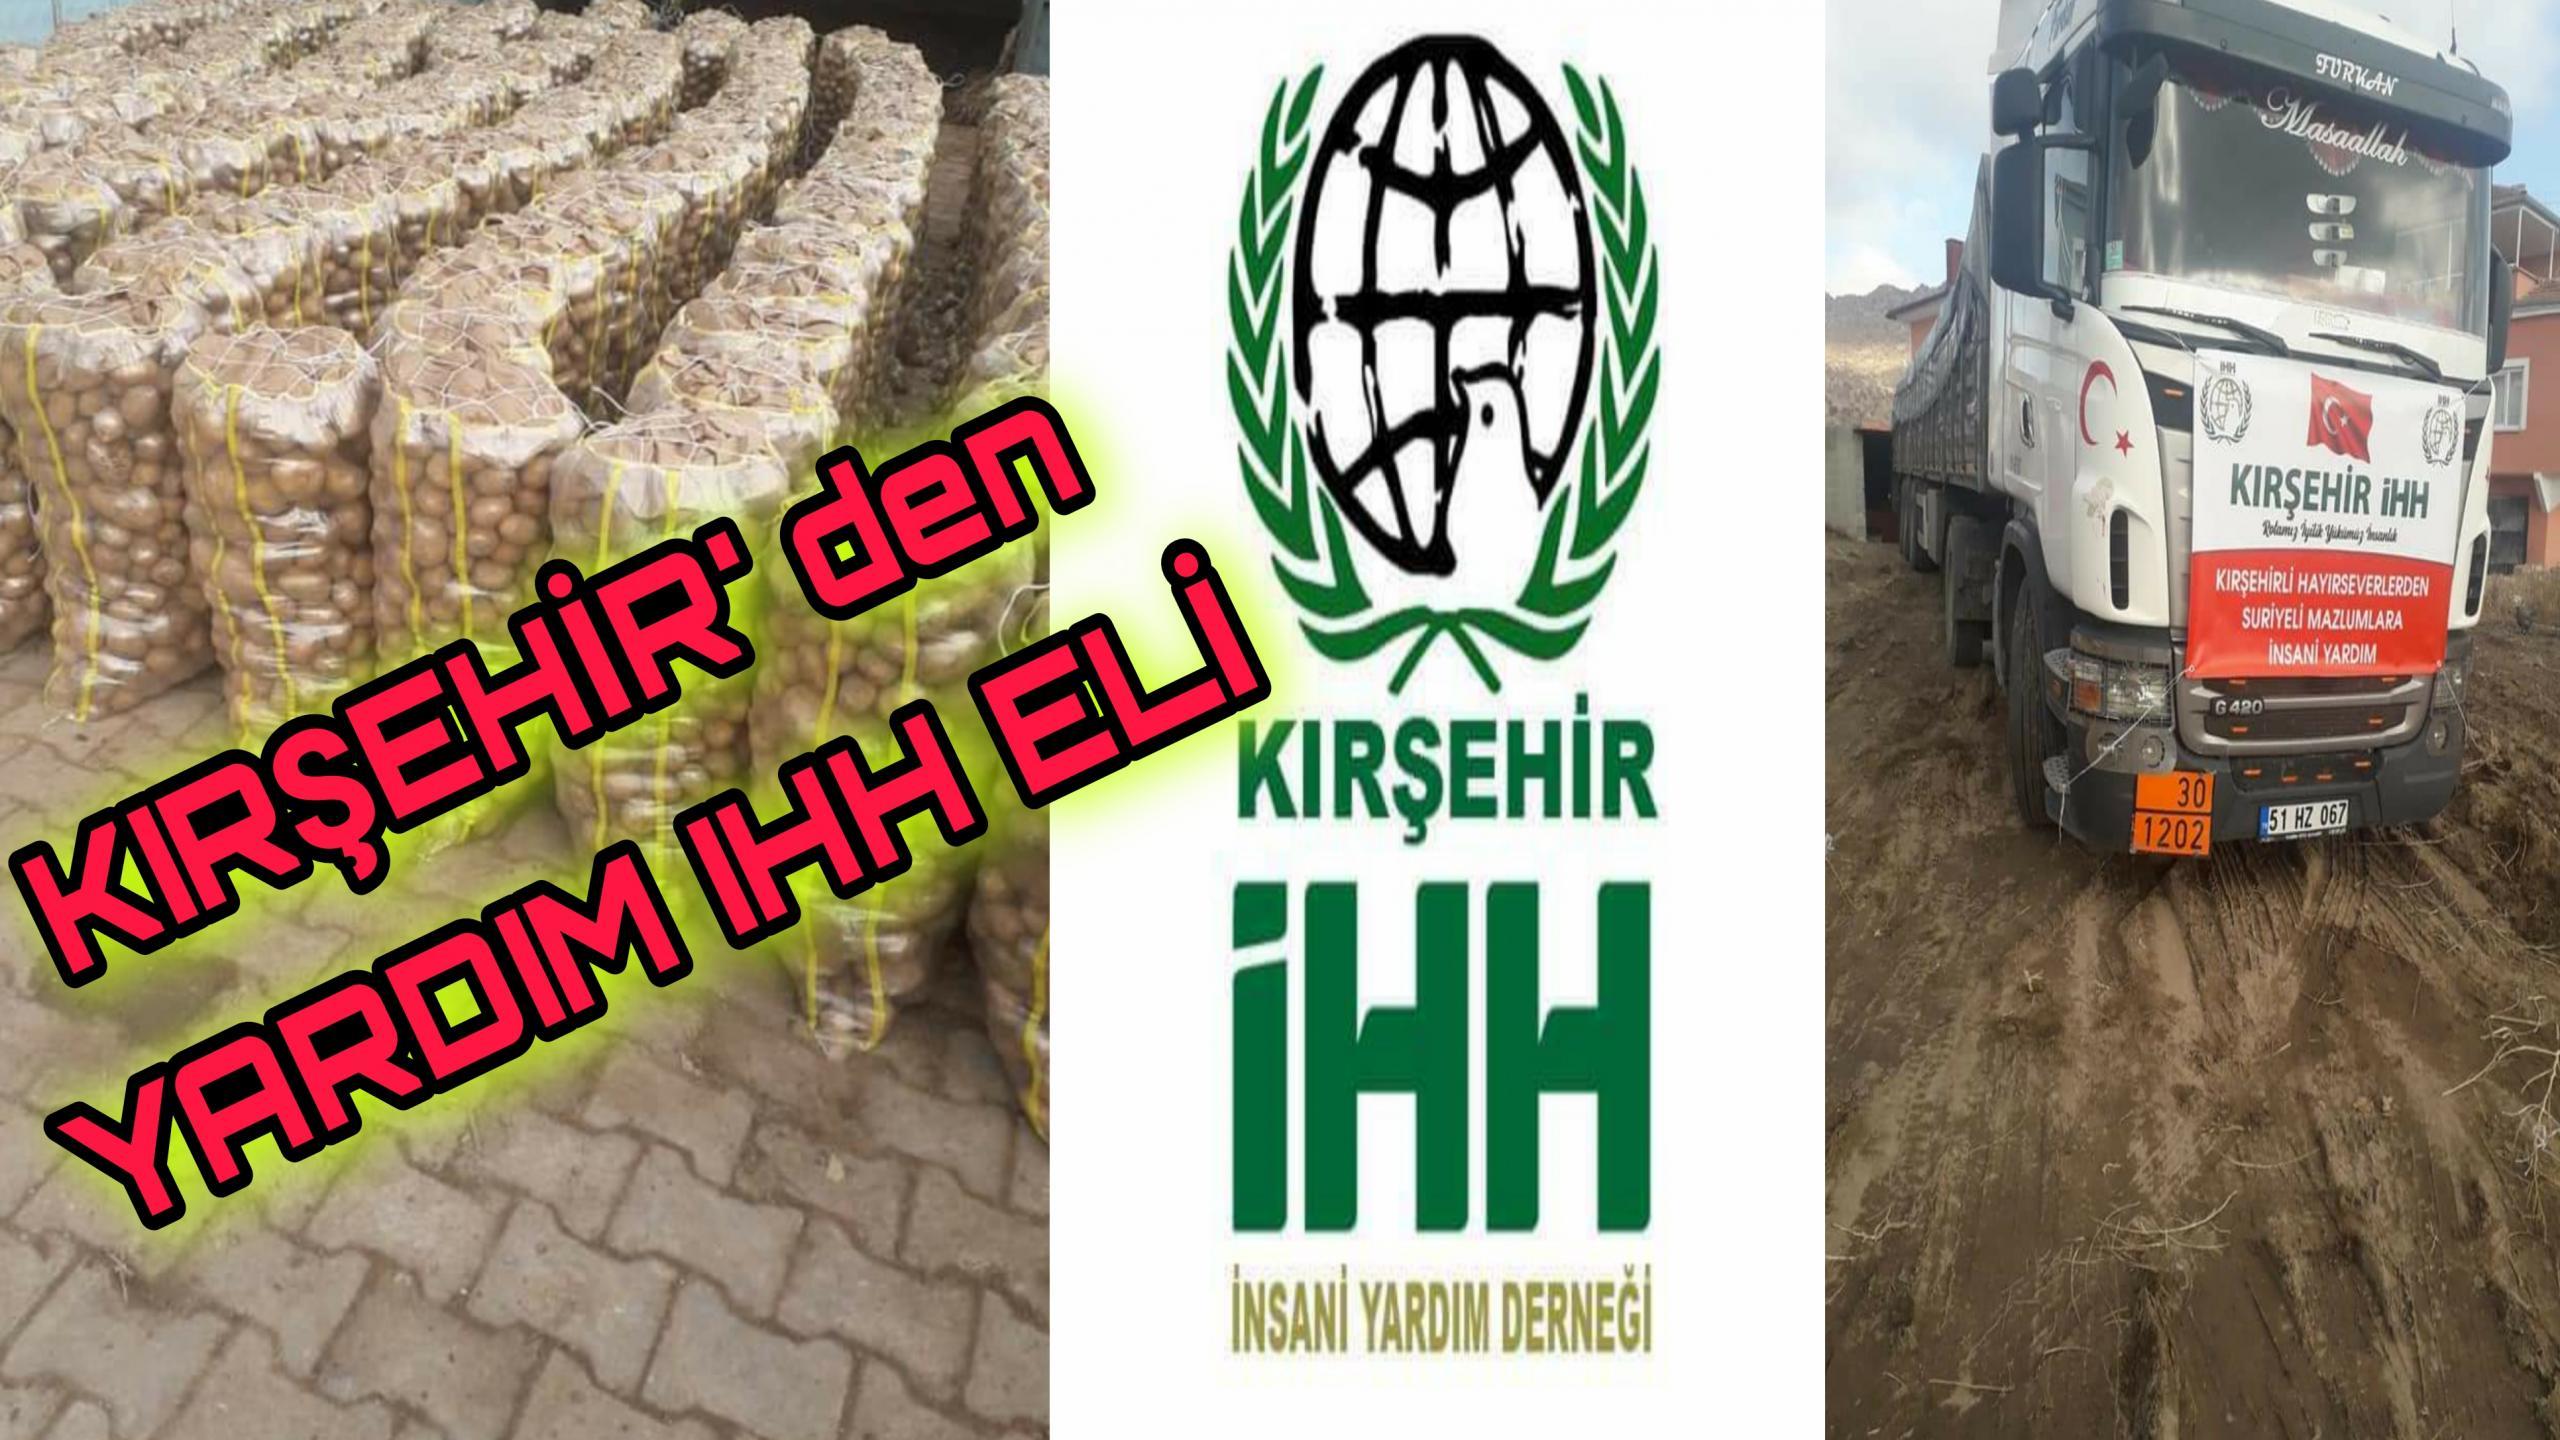 KIRŞEHİR İHH 2 TIR YARDIM GÖNDERDİ !!